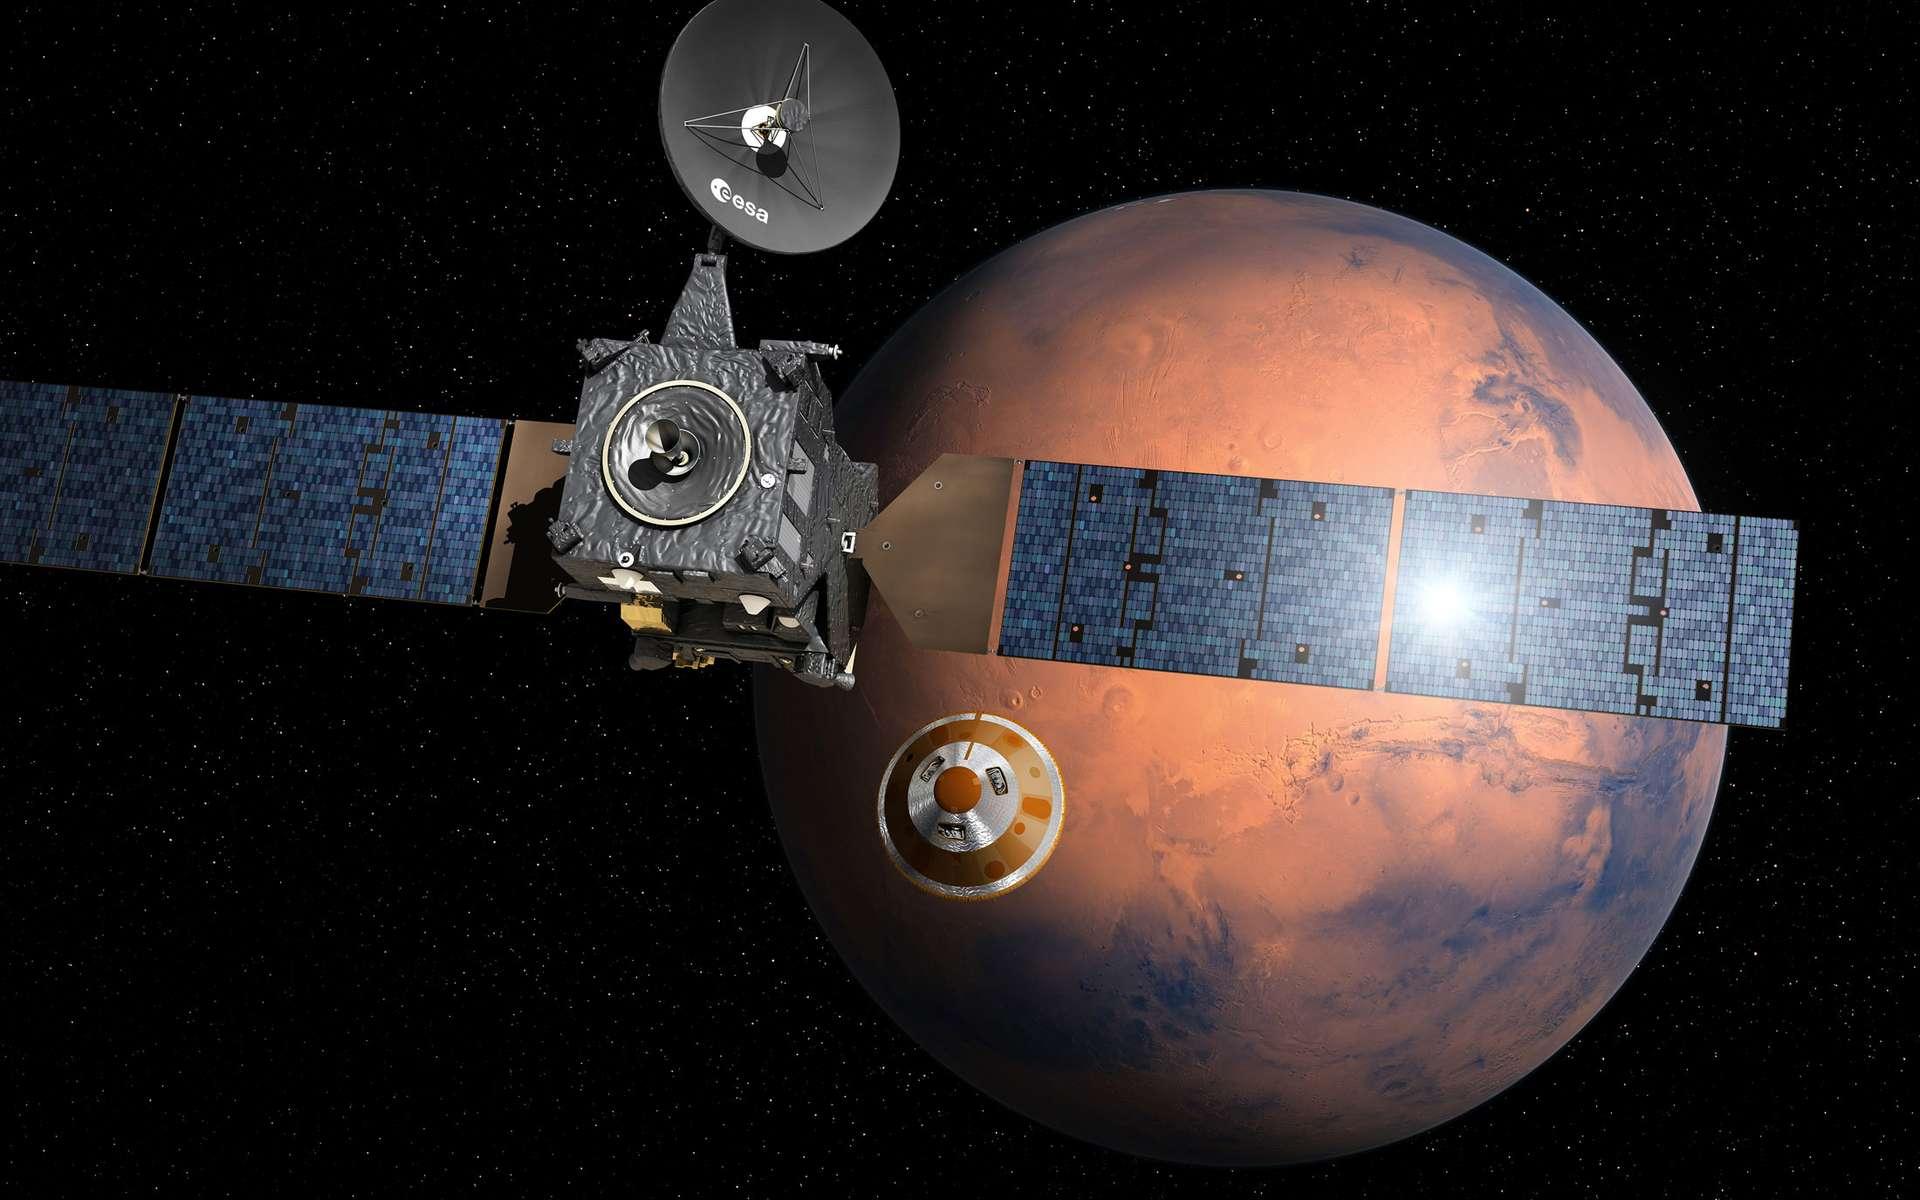 Mercredi 19 octobre, la mission ExoMars 2016, de l'Agence spatiale européenne, sera au plus proche de la Planète rouge : la capsule Schiaparelli atterrira à sa surface et le satellite TGO s'insérera dans l'orbite de Mars pour étudier son atmosphère. © ESA, D. Ducros